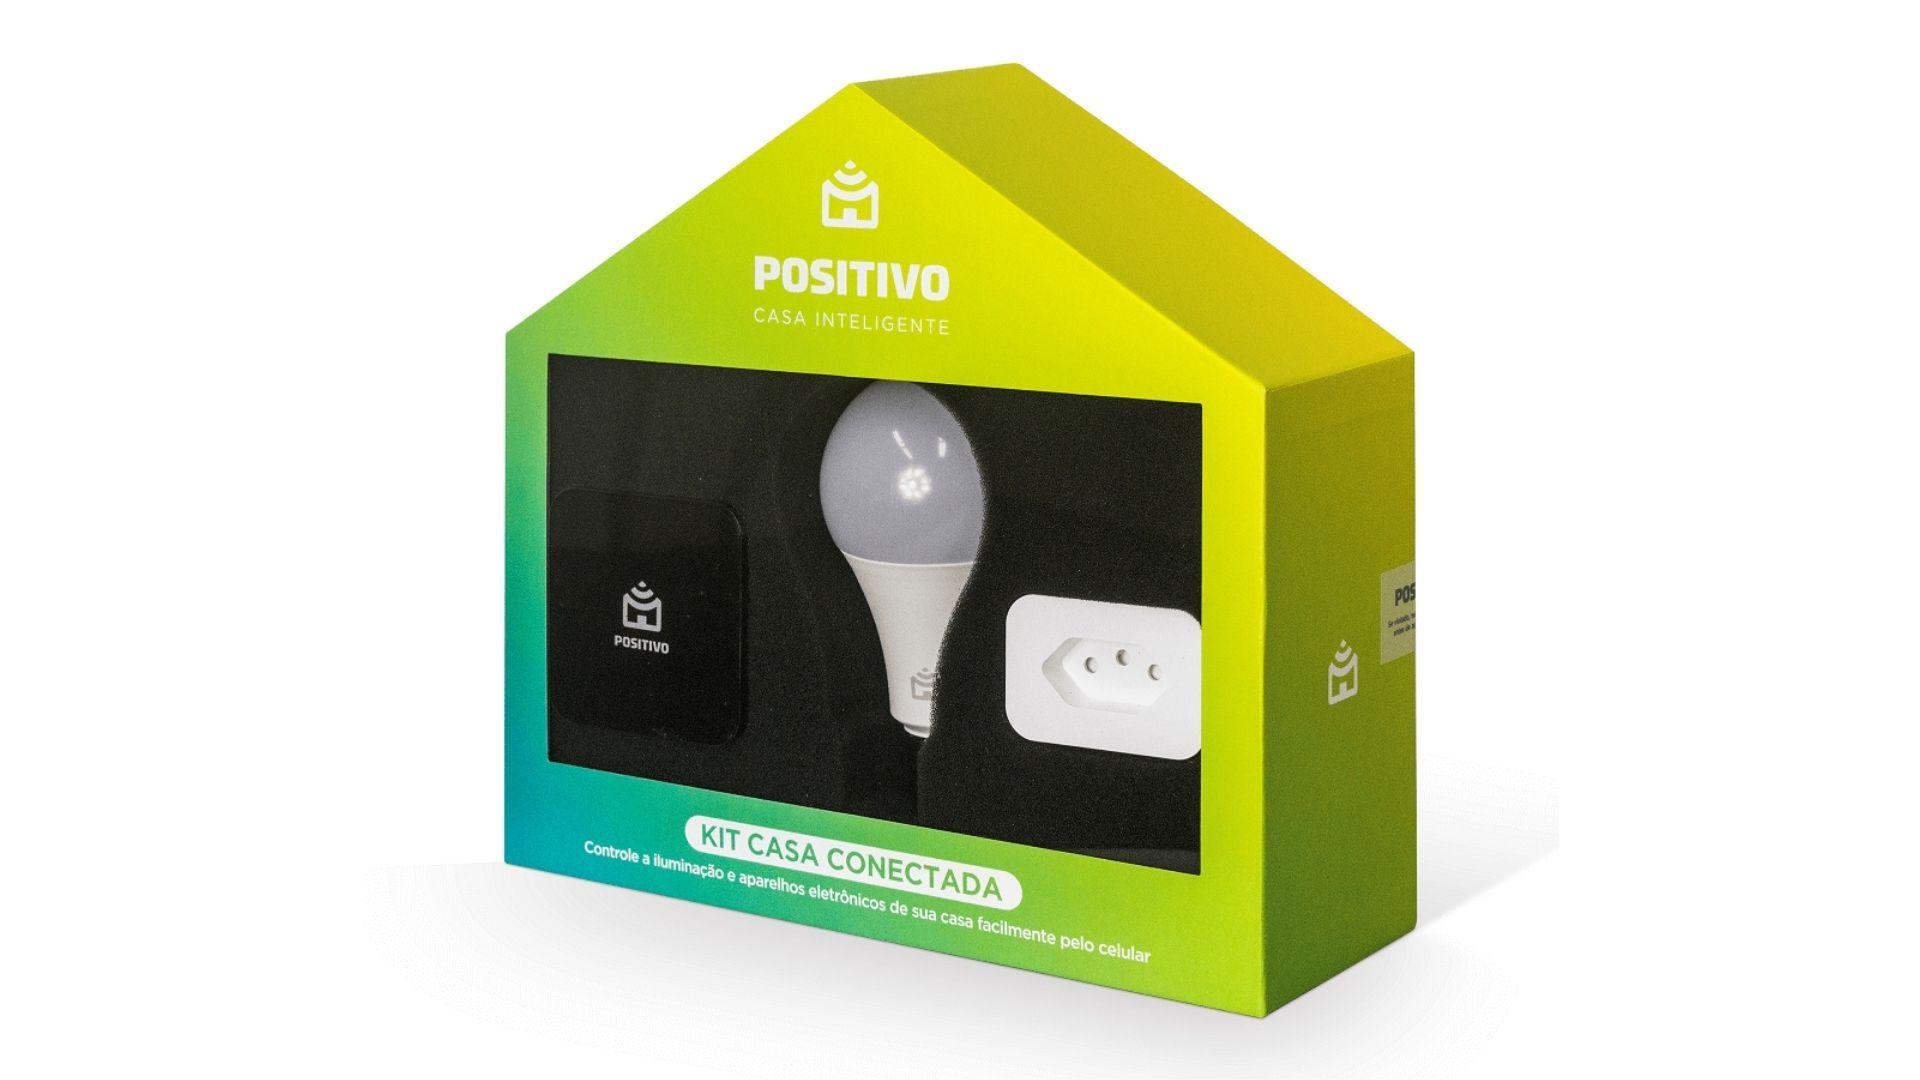 O Kit casa conectada Positivo é ideal para quem quer começar a deixar a casa inteligente. (Imagem: divulgação/Positivo)